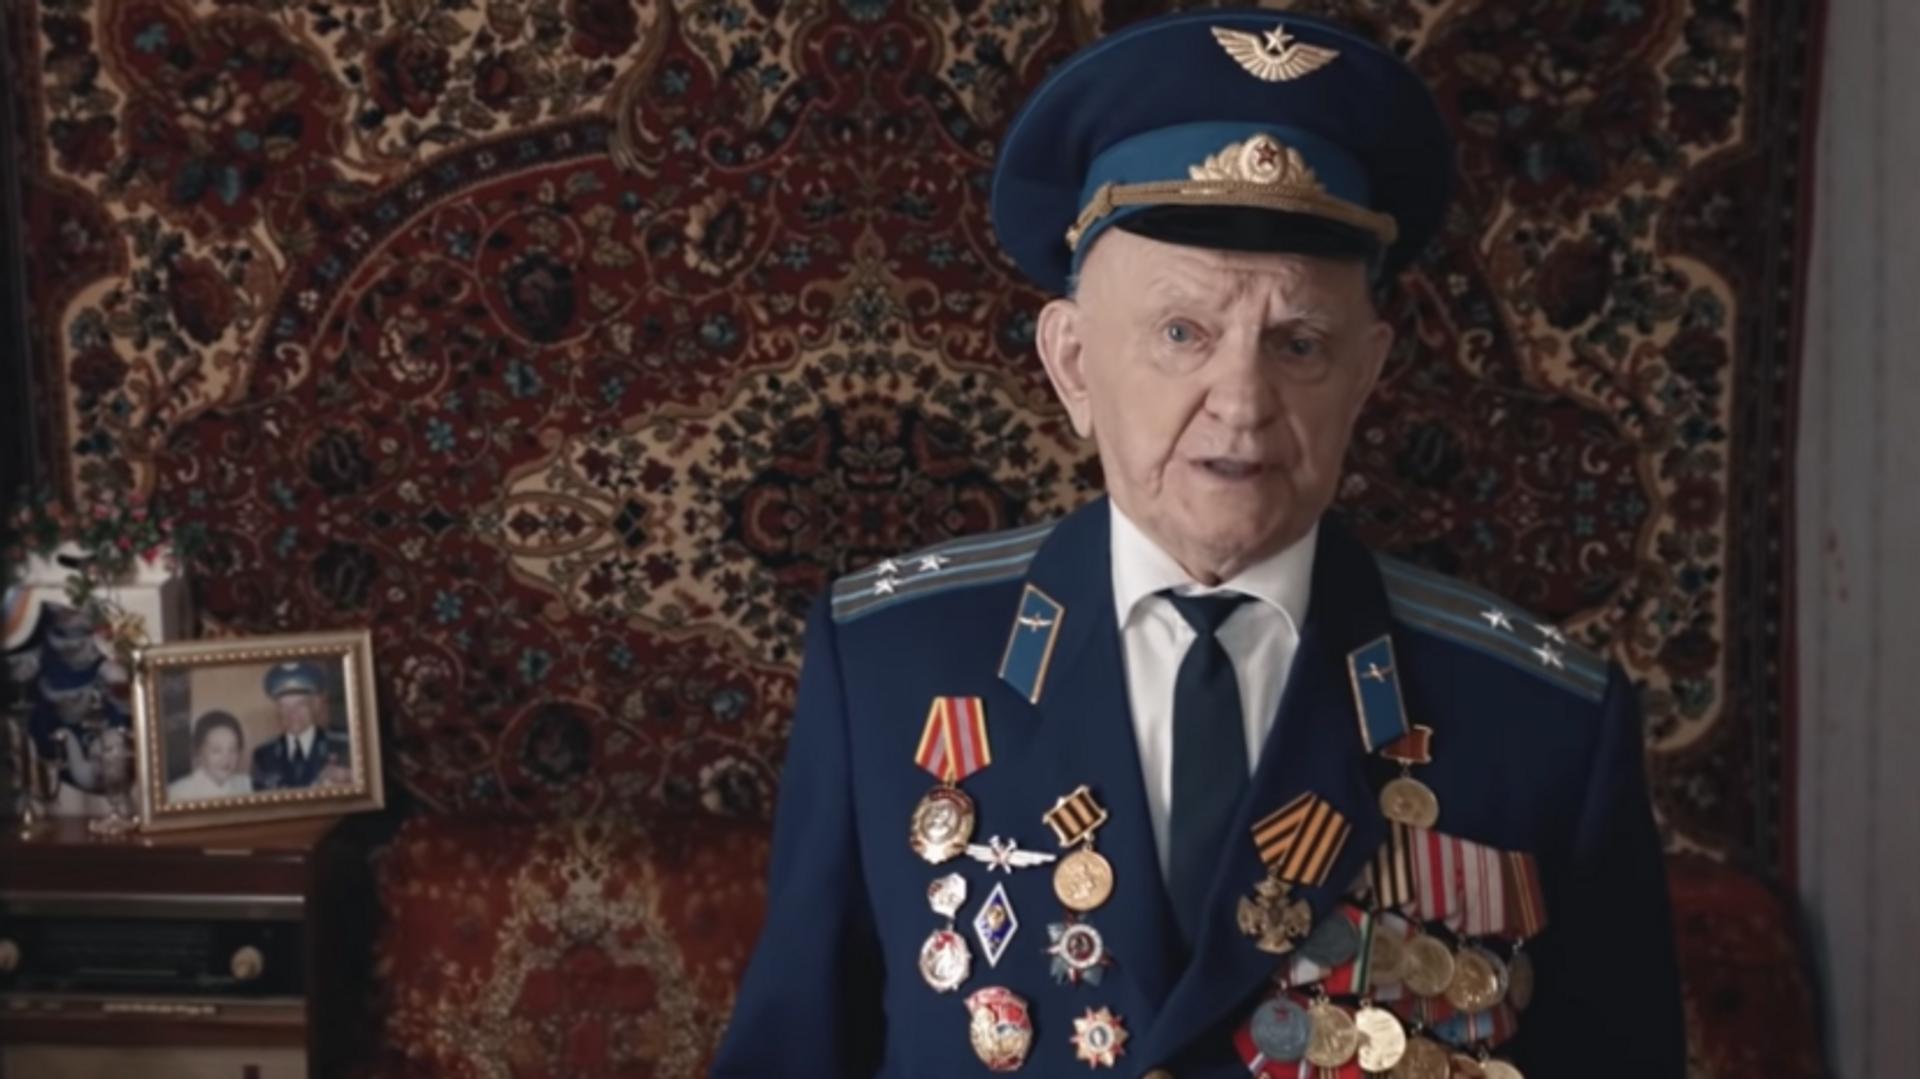 Ветеран Великой Отечественной войны Игнат Артеменко - РИА Новости, 1920, 05.02.2021